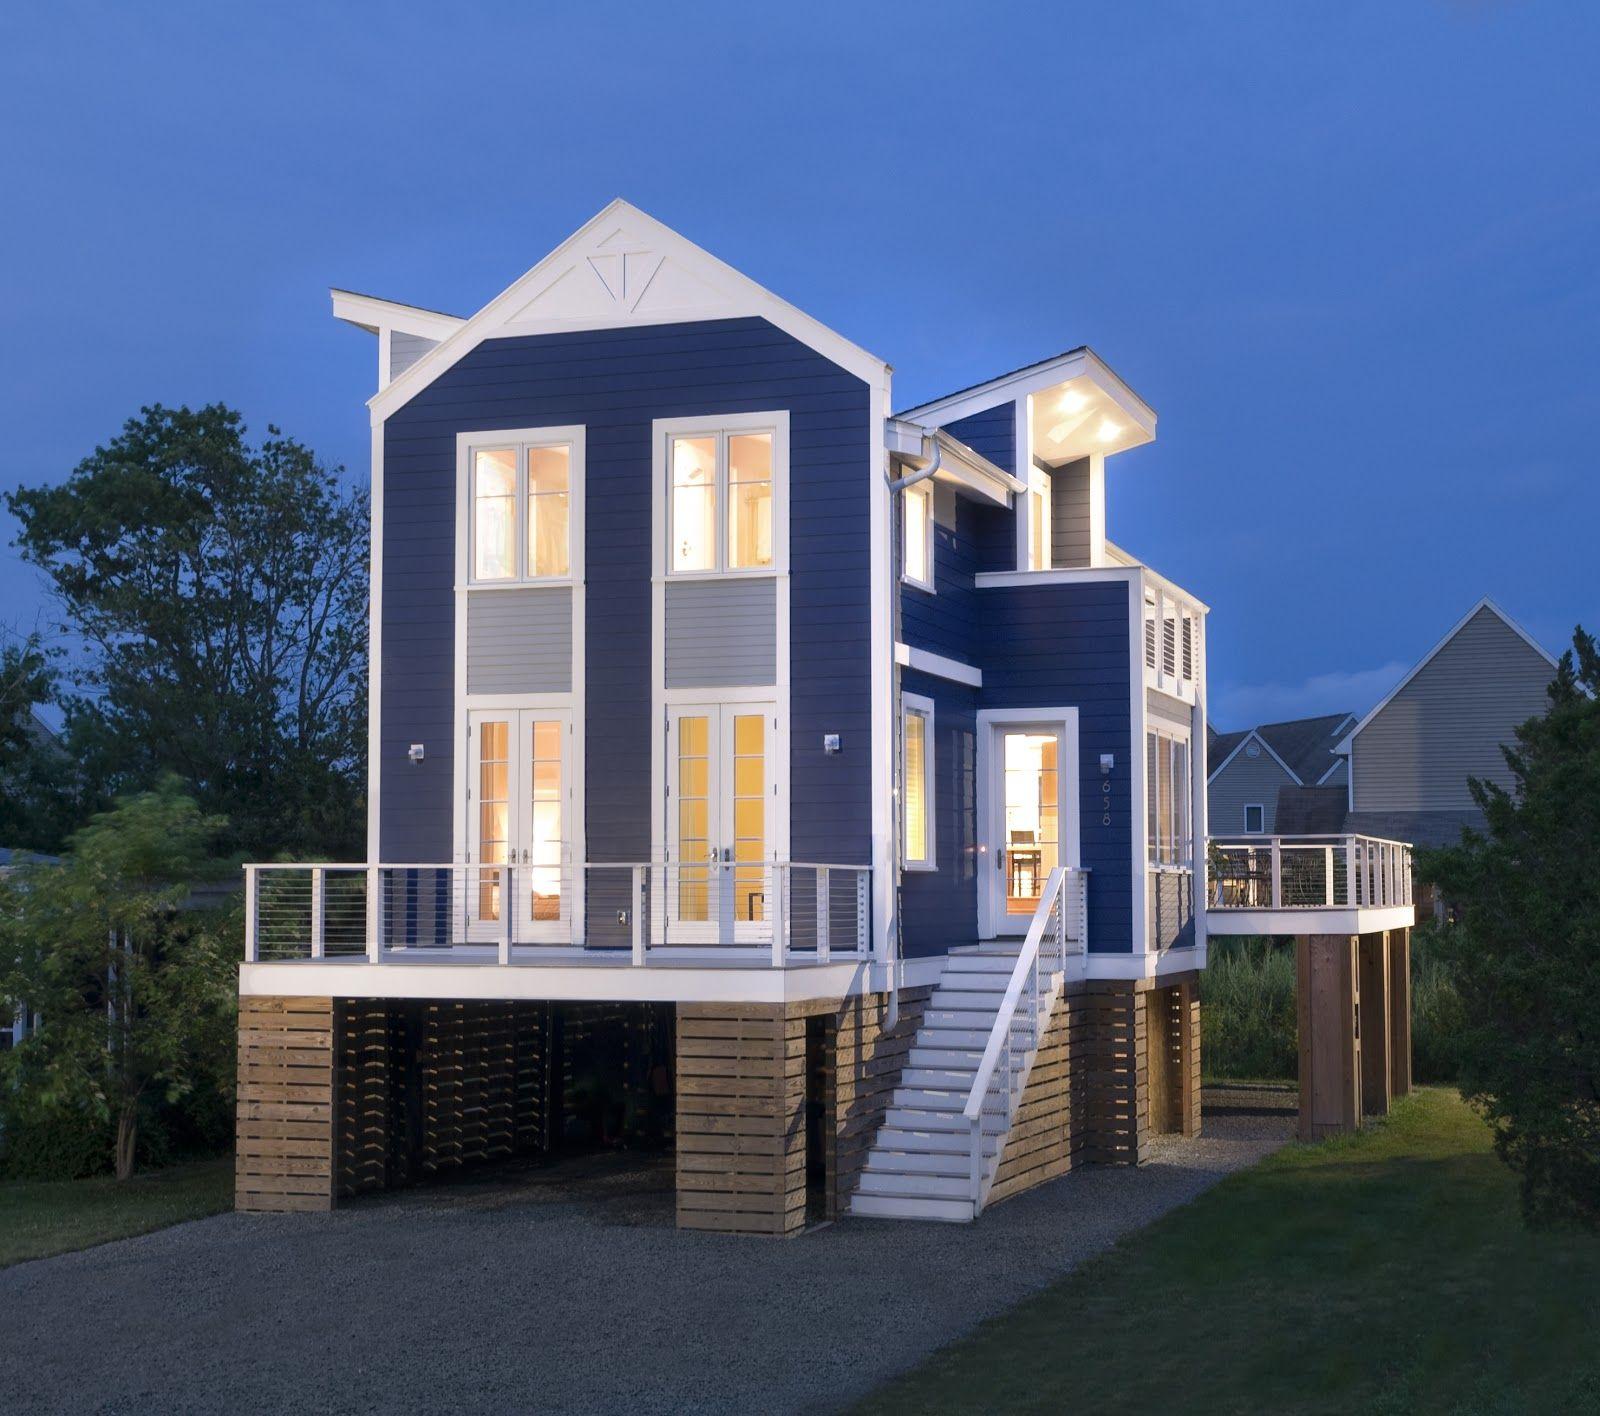 cool houses tumblr - Google Search | D O P E ○ C R I B | Pinterest ...